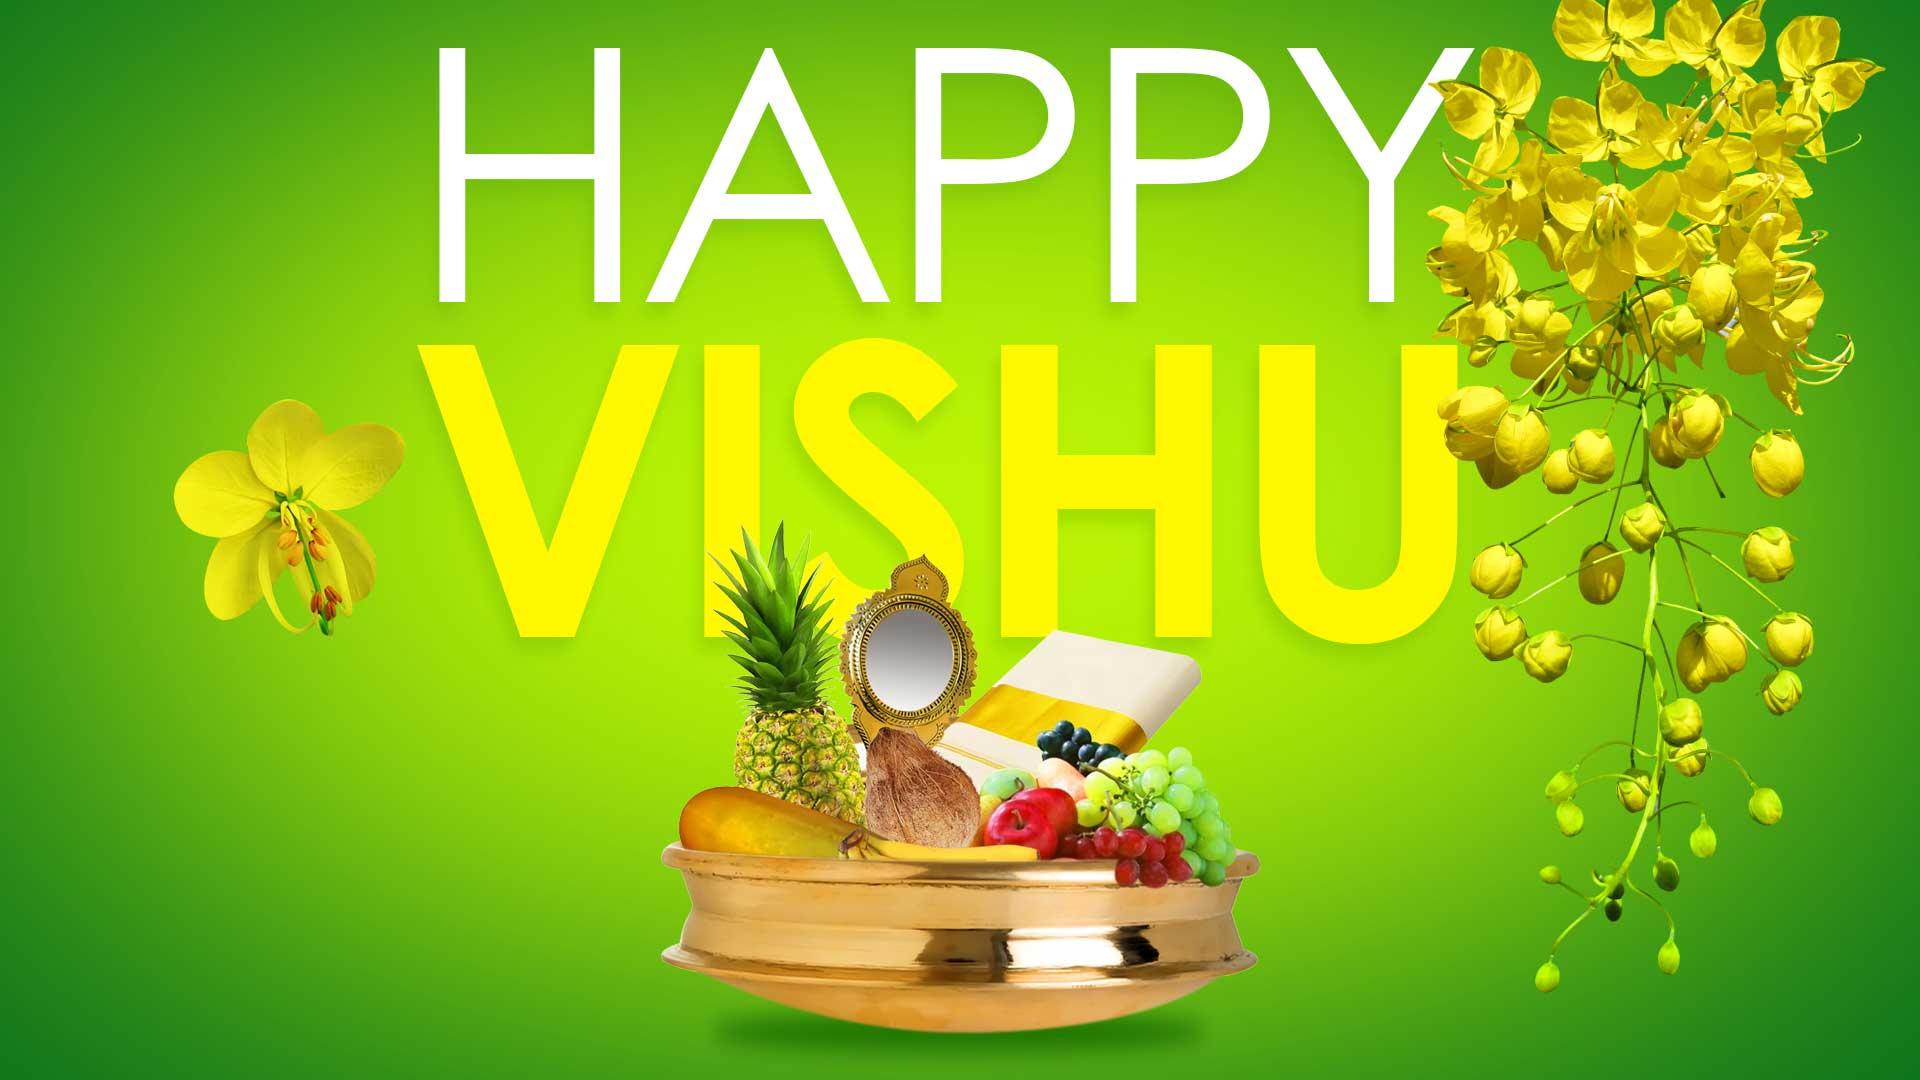 Vishu Greeting Card Vishu Greetings Vishu Festival Vishu Celebration